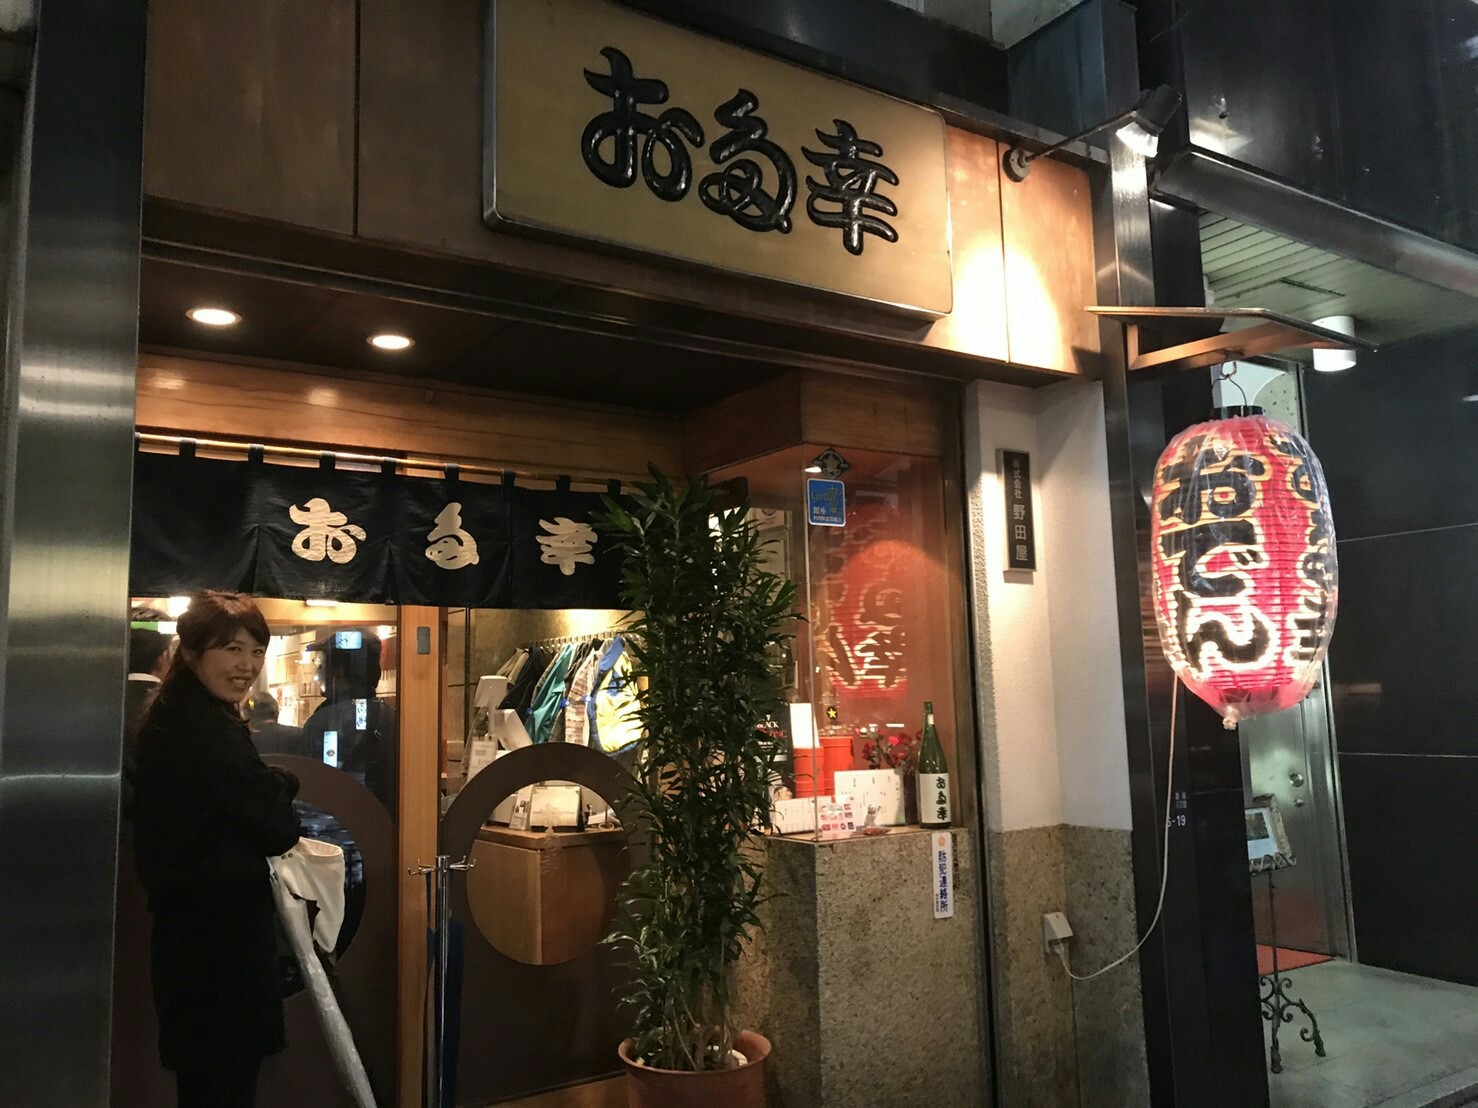 f:id:shiika-0620:20171029140021j:plain